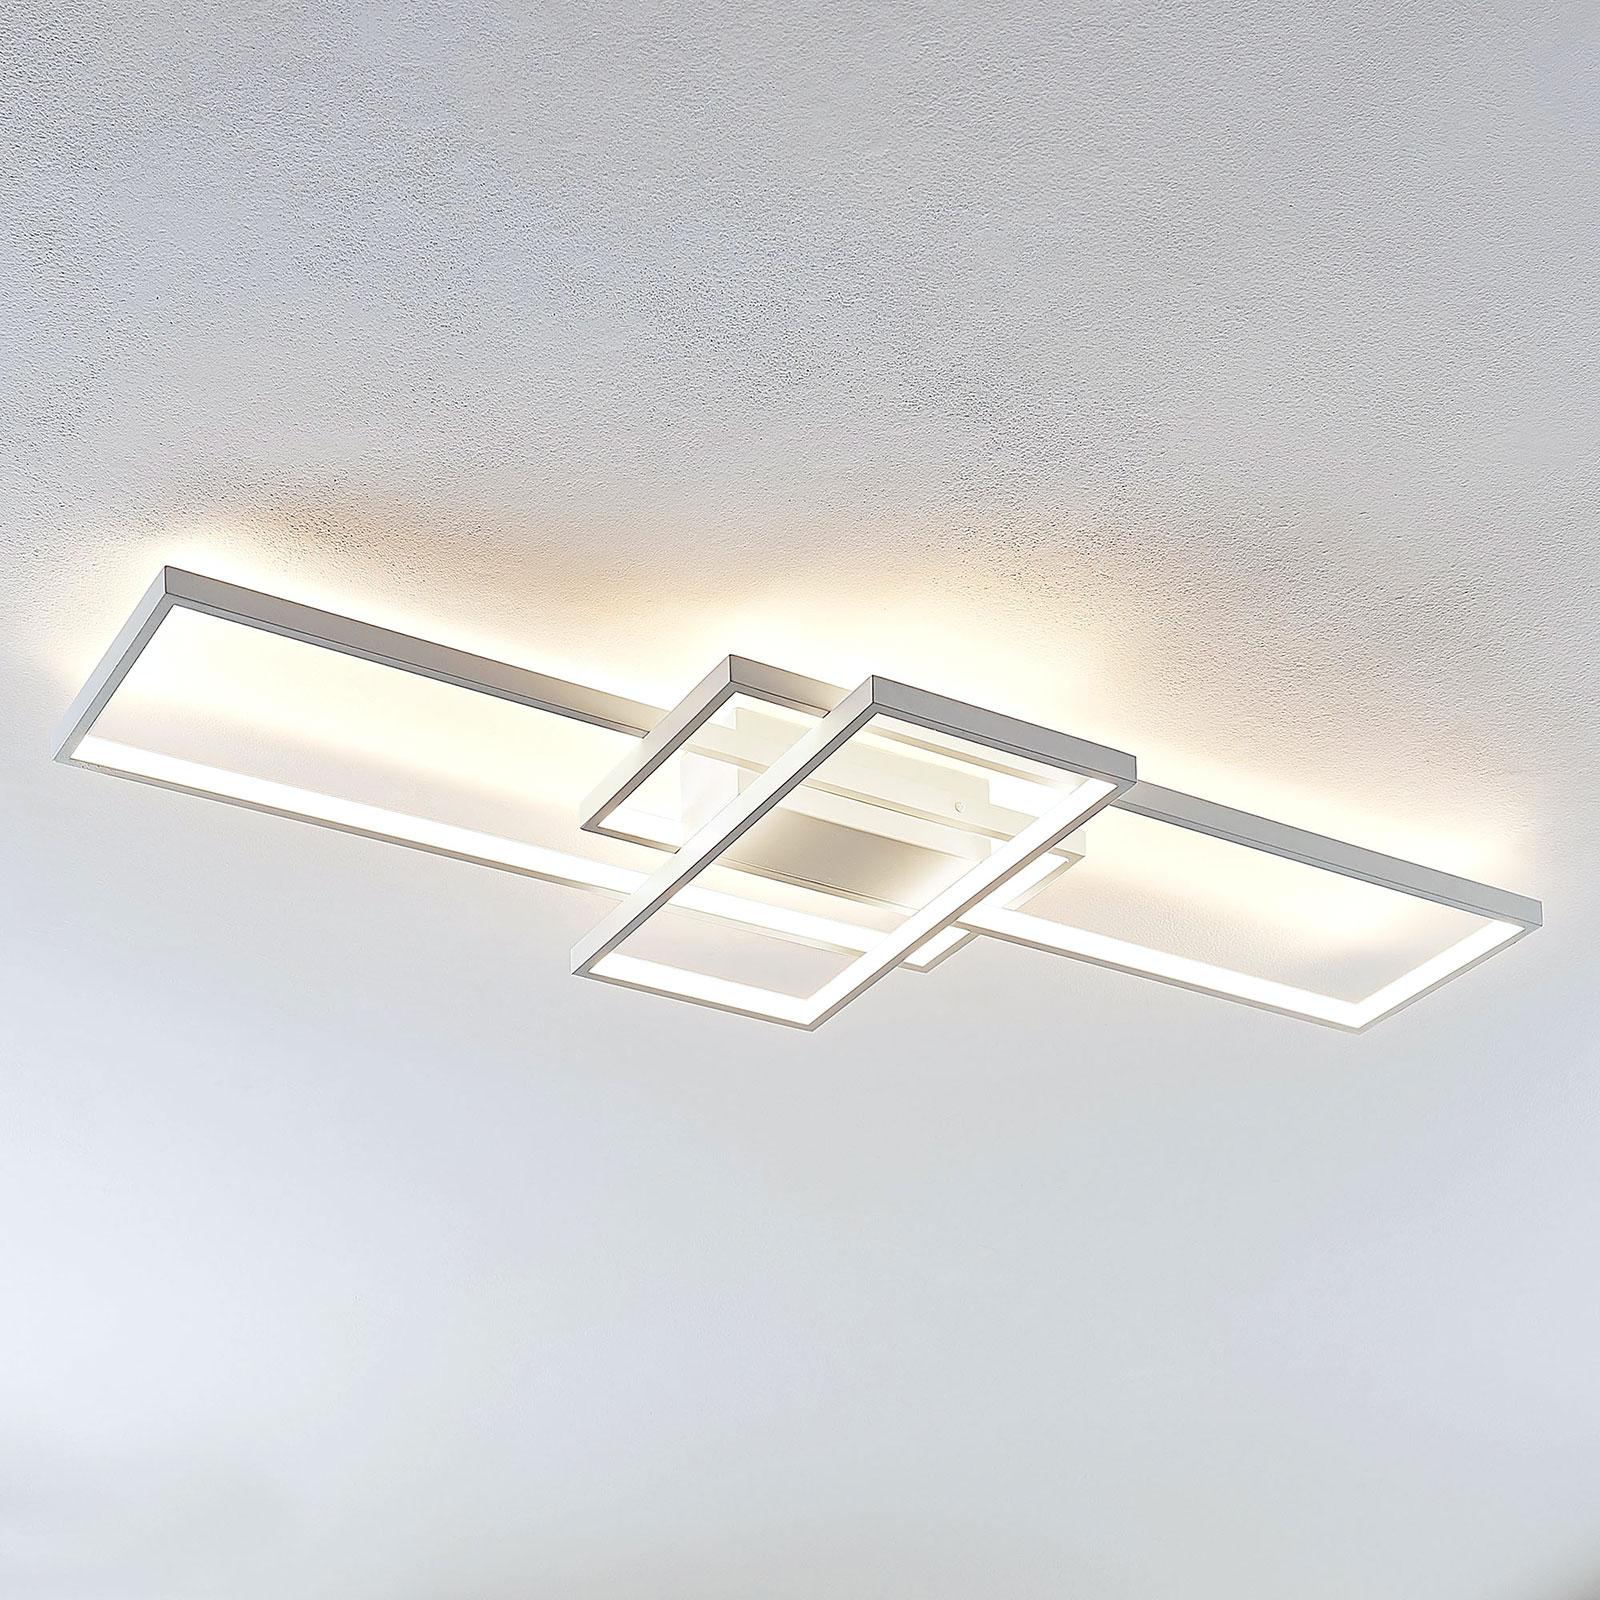 Lindby Poppy LED-Deckenleuchte mit Dimmfunktion